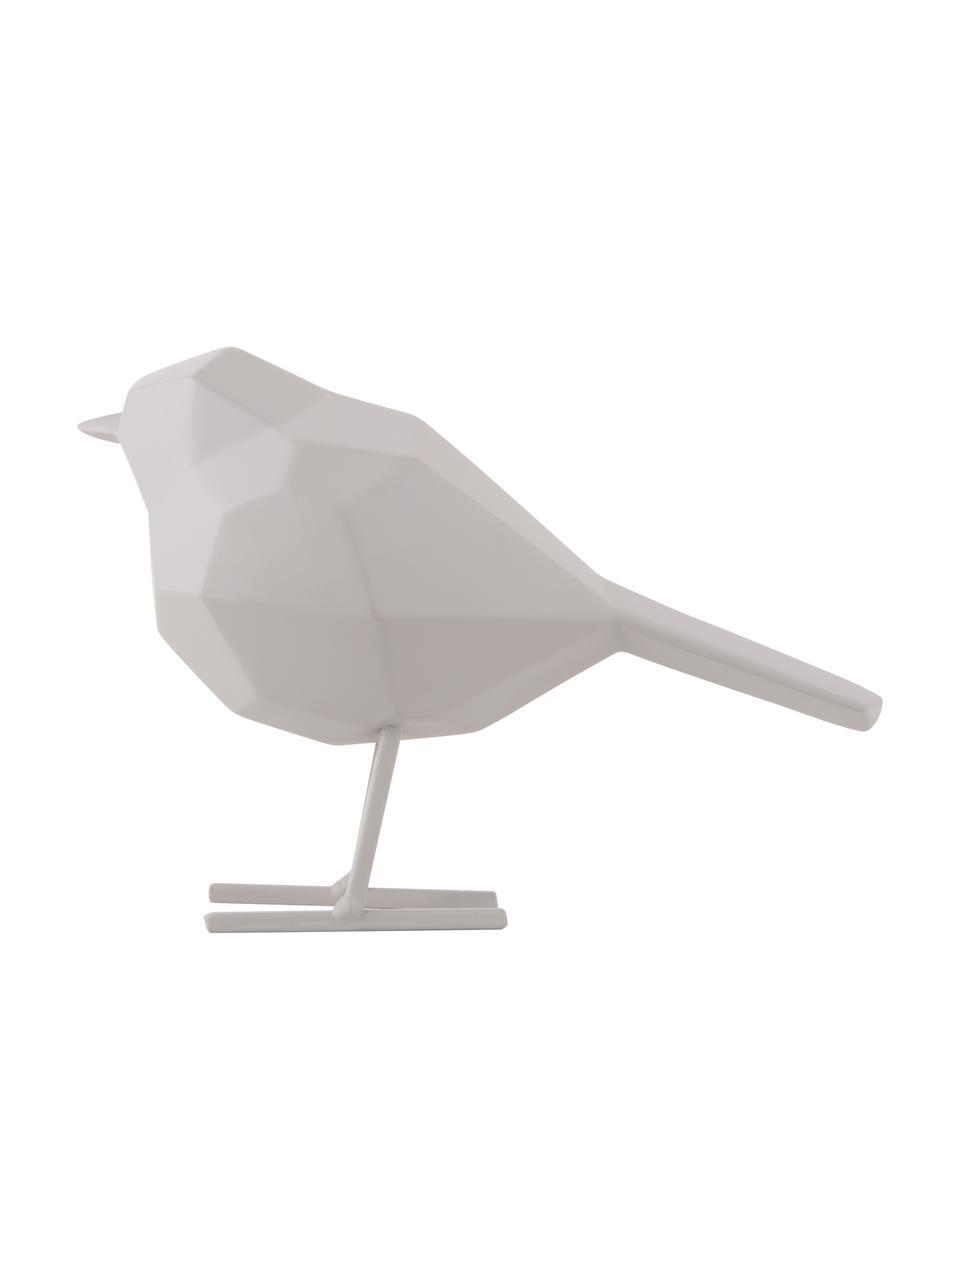 Dekoracja Bird, Tworzywo sztuczne, Szary, S 14 x W 17 cm